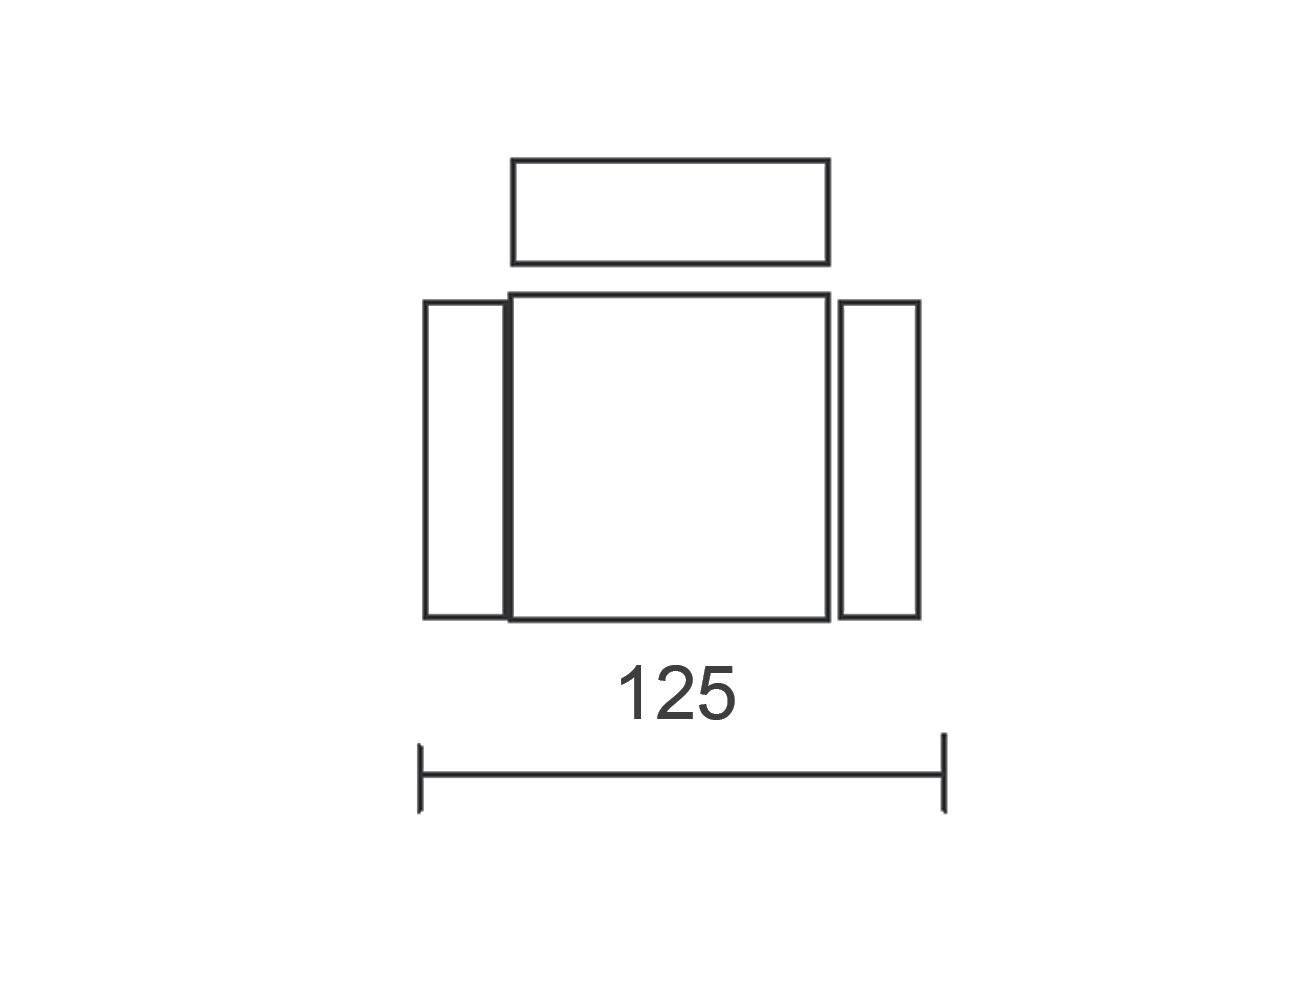 Modulo 1251